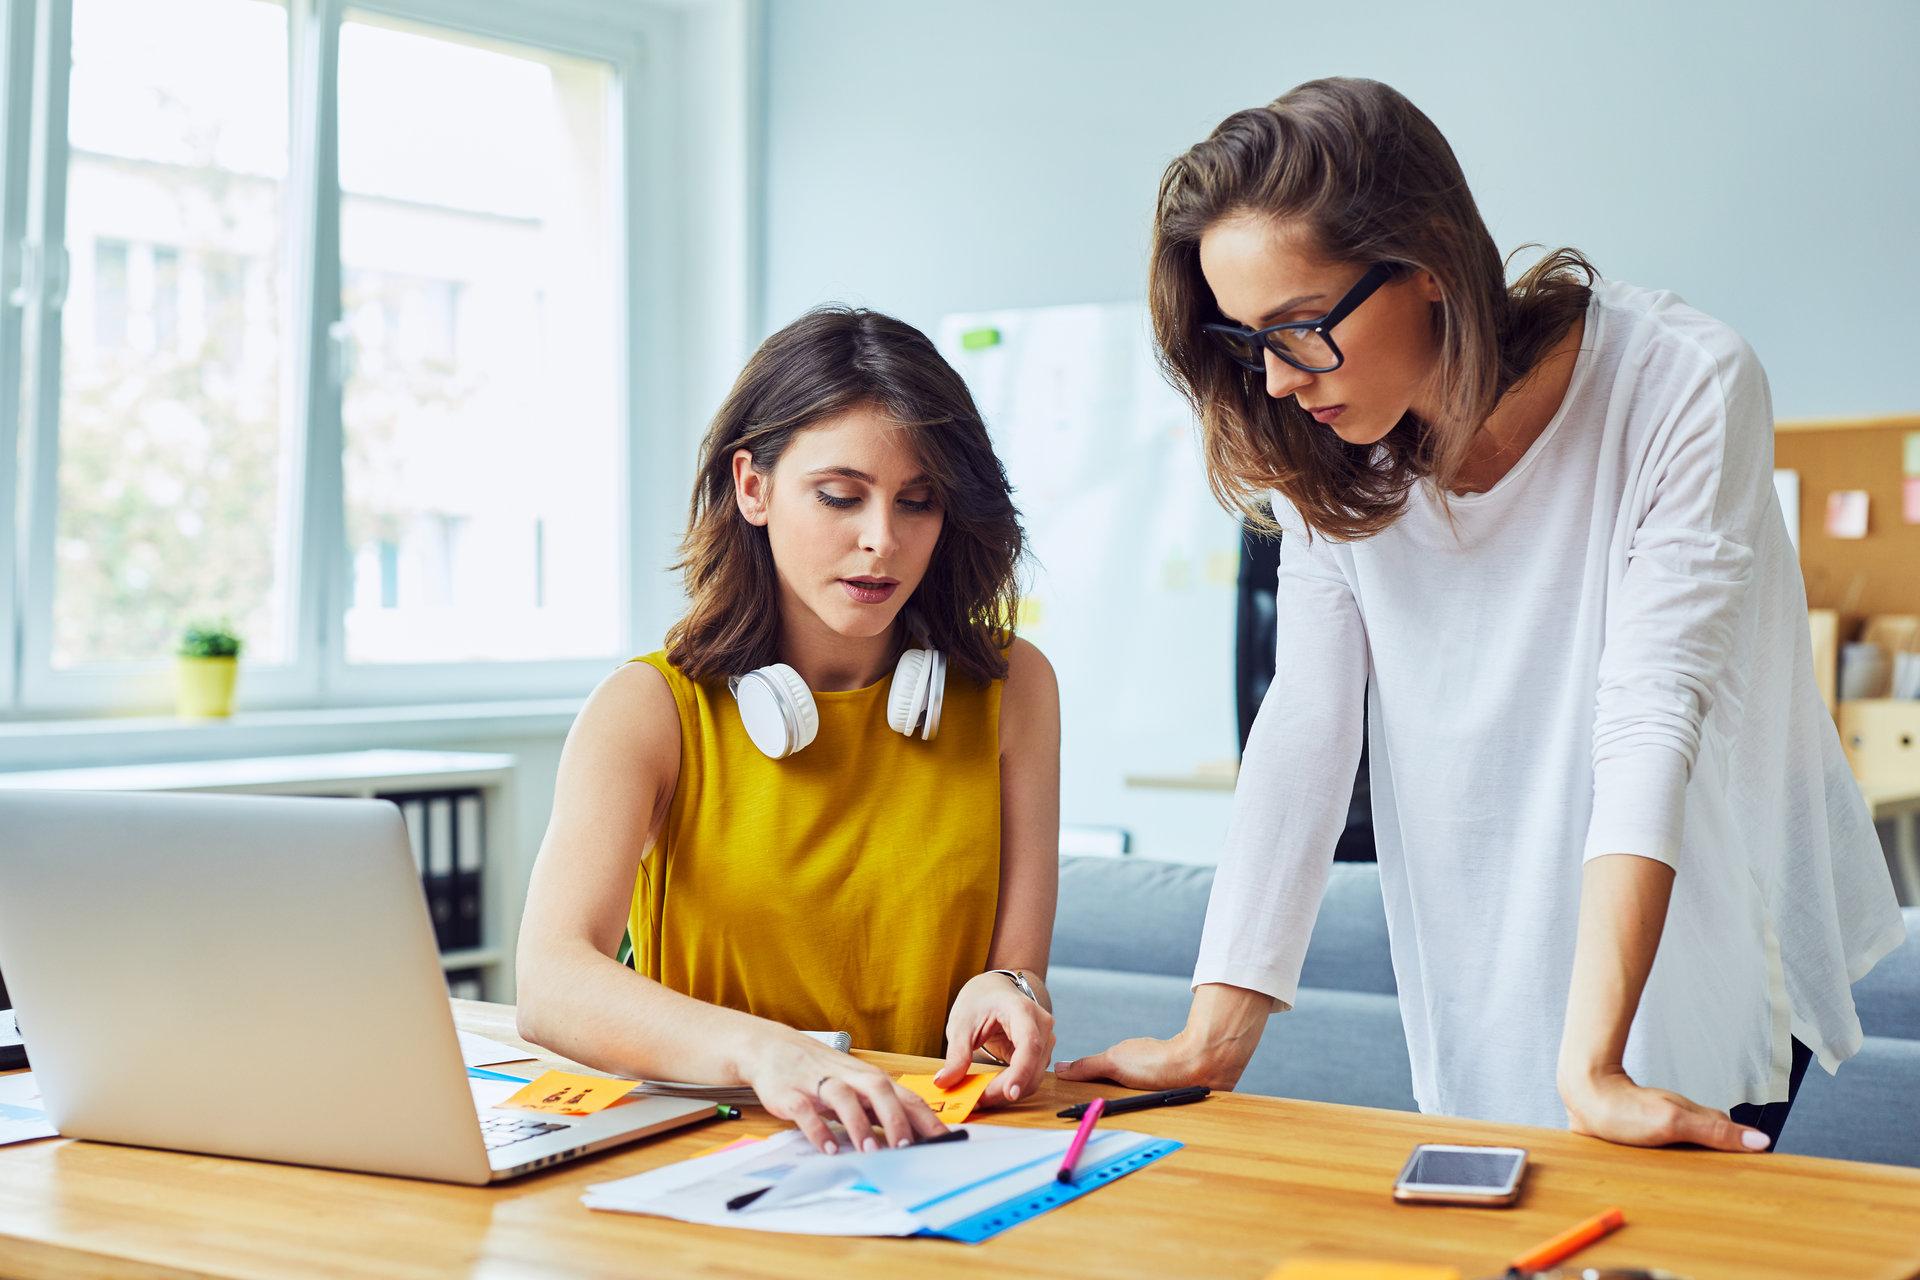 consiliere vocationala sau in cariera; doua femei asezate langa o masa cu un laptop, discuta despre rezultatele testului vocational